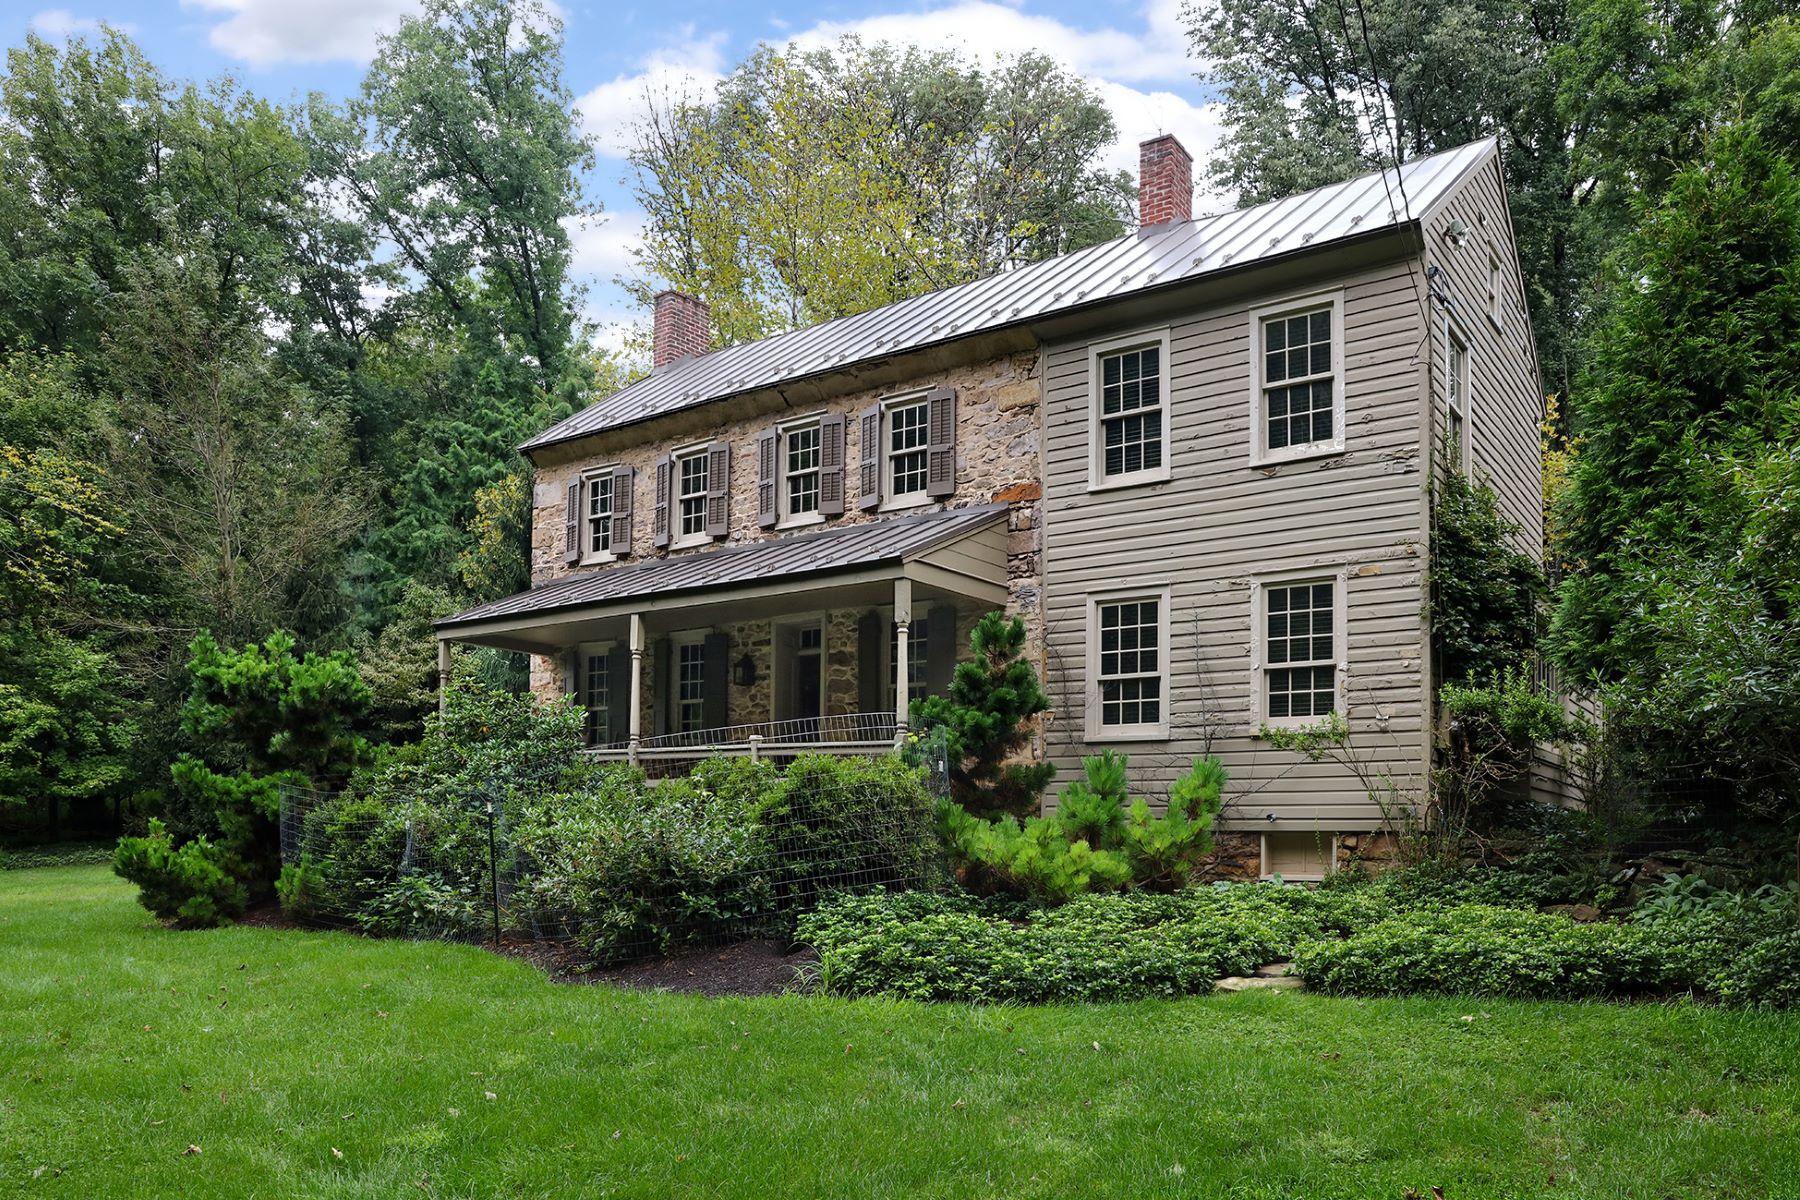 Частный односемейный дом для того Продажа на Thoroughly Captivating 41 Brookville Hollow Road, Stockton, Нью-Джерси 08559 Соединенные ШтатыВ/Около: Delaware Township